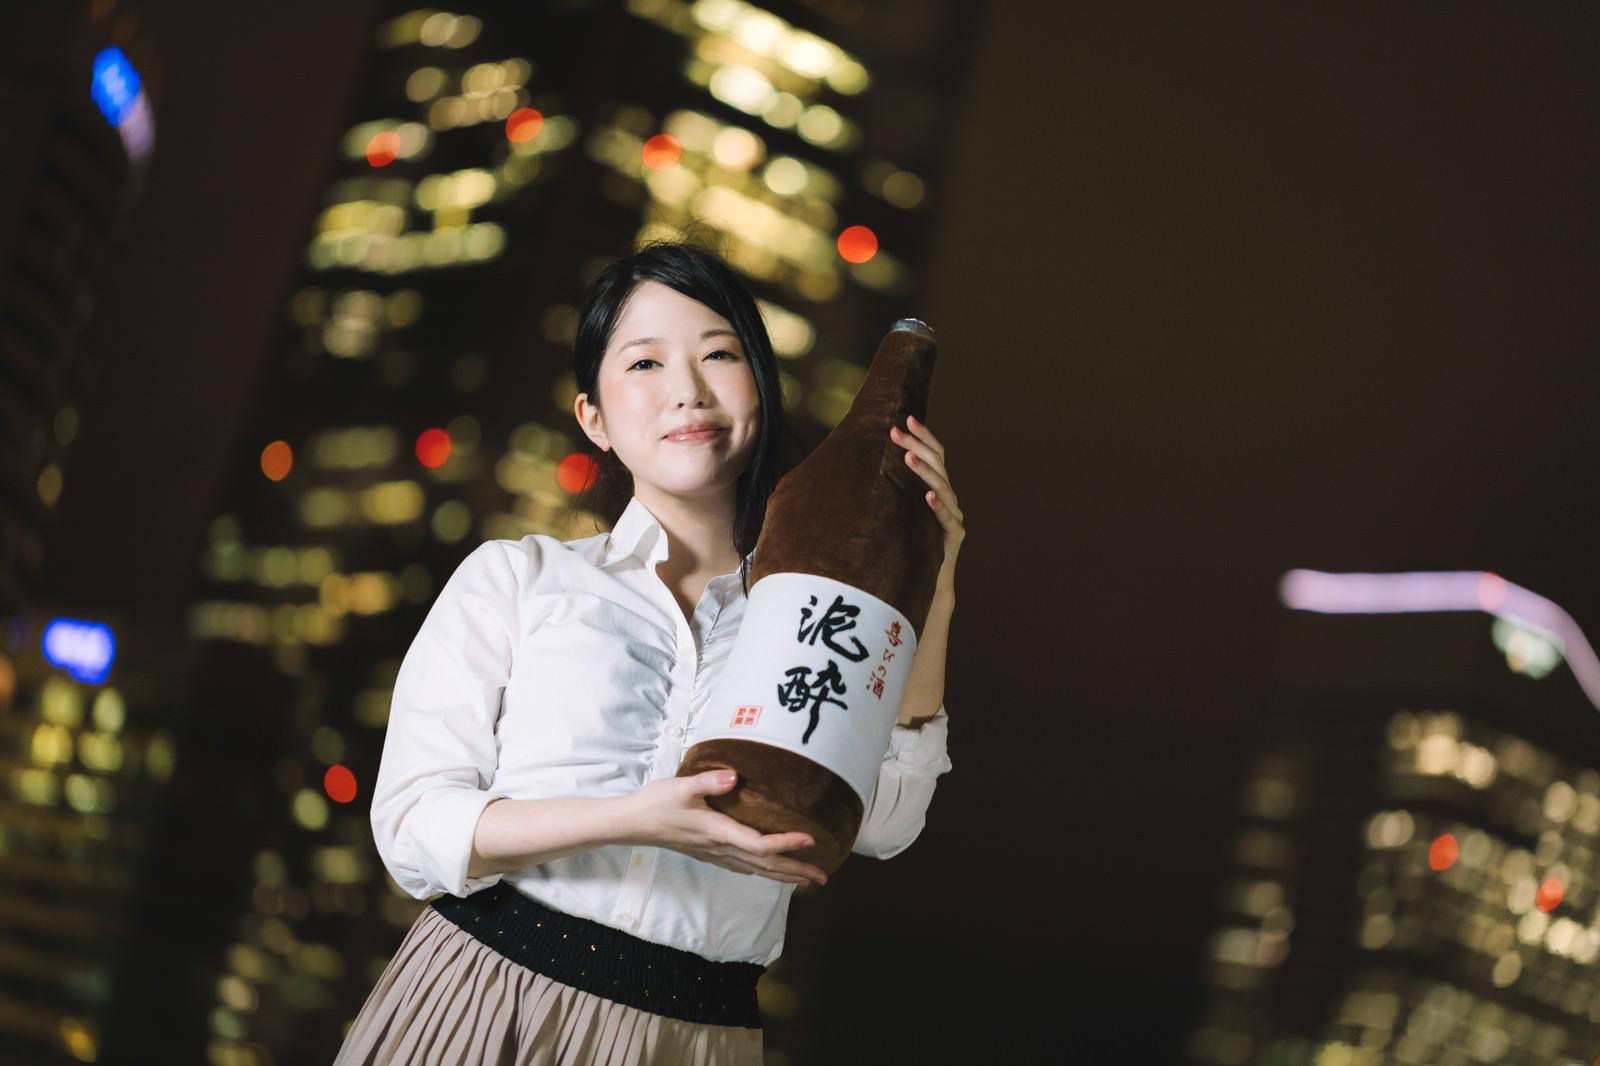 「一升瓶と夜景美女」の写真[モデル:シマヅ]